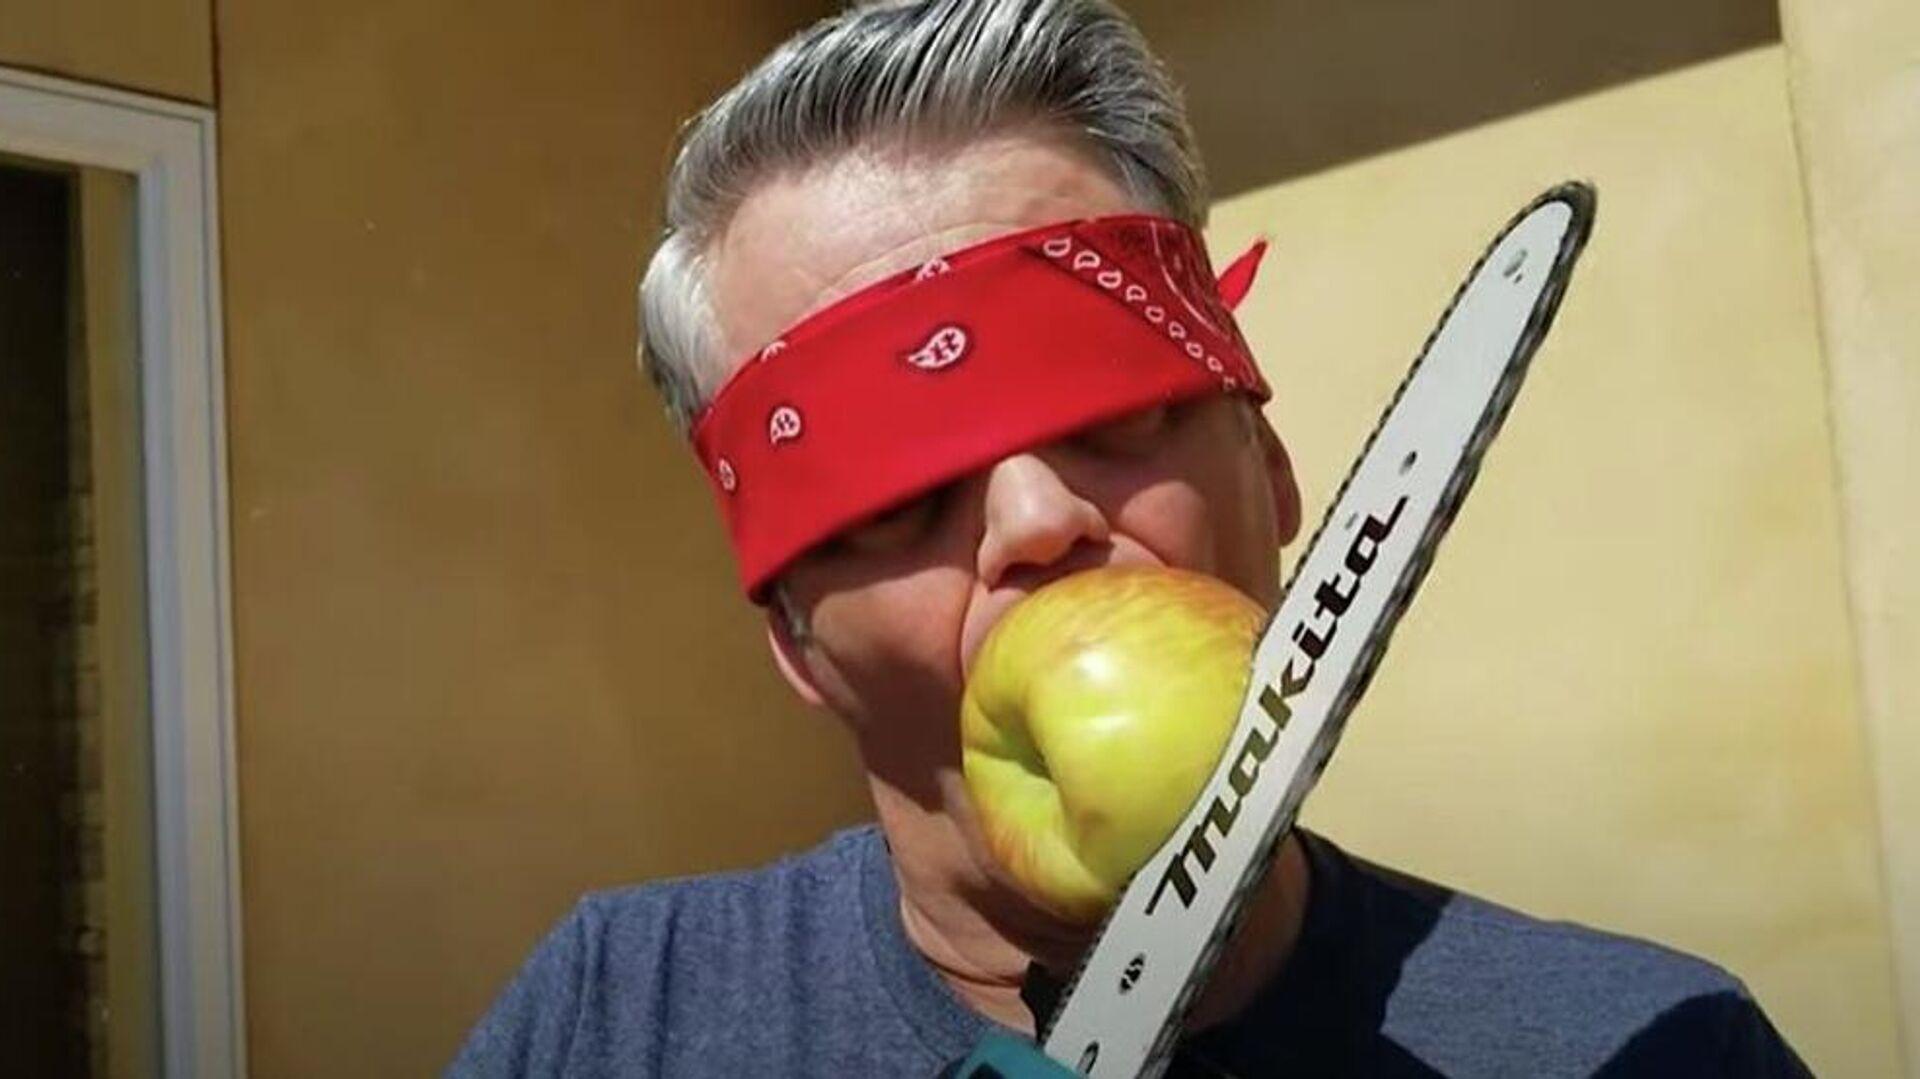 Άντρας κόβει μήλο με αλυσοπρίονο - Sputnik Ελλάδα, 1920, 26.09.2021